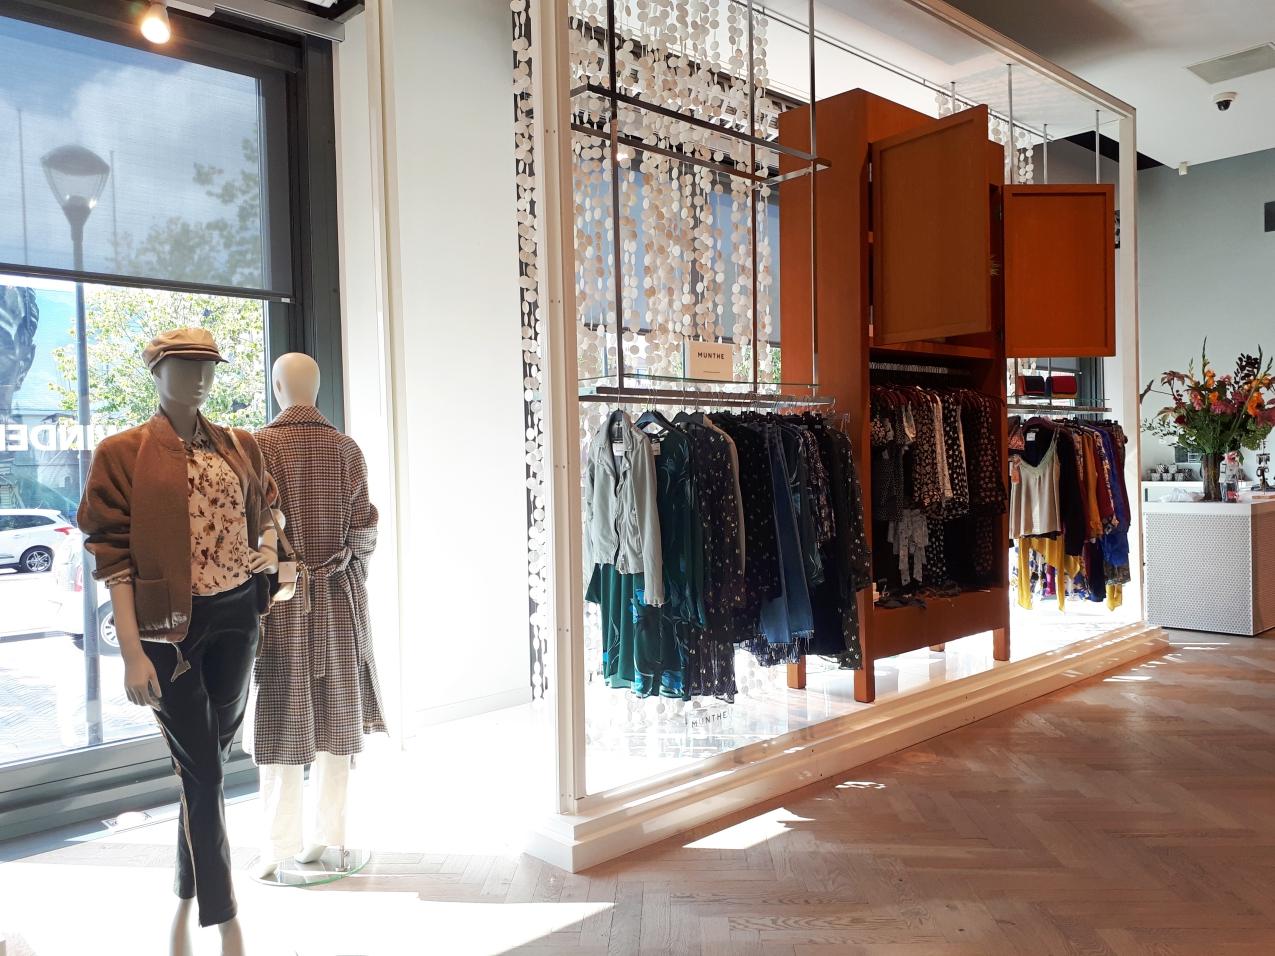 voorwinden-oud-beijerland-kledingwinkel-damesmode